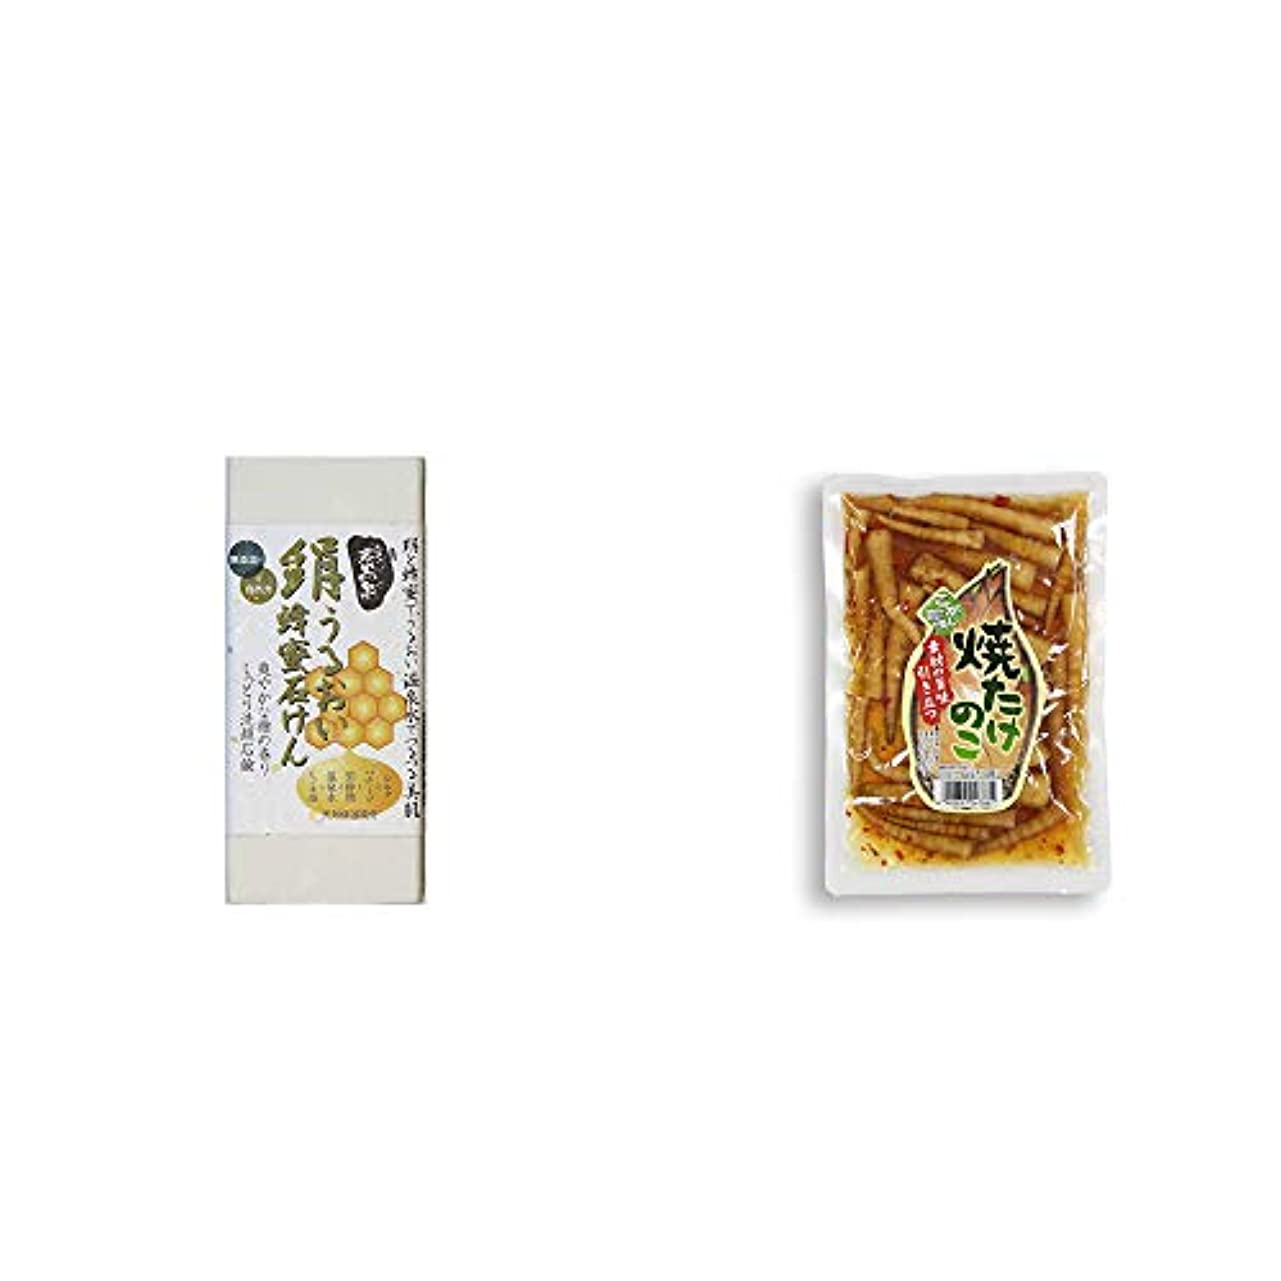 副詞包帯爬虫類[2点セット] ひのき炭黒泉 絹うるおい蜂蜜石けん(75g×2)?焼たけのこ(300g)